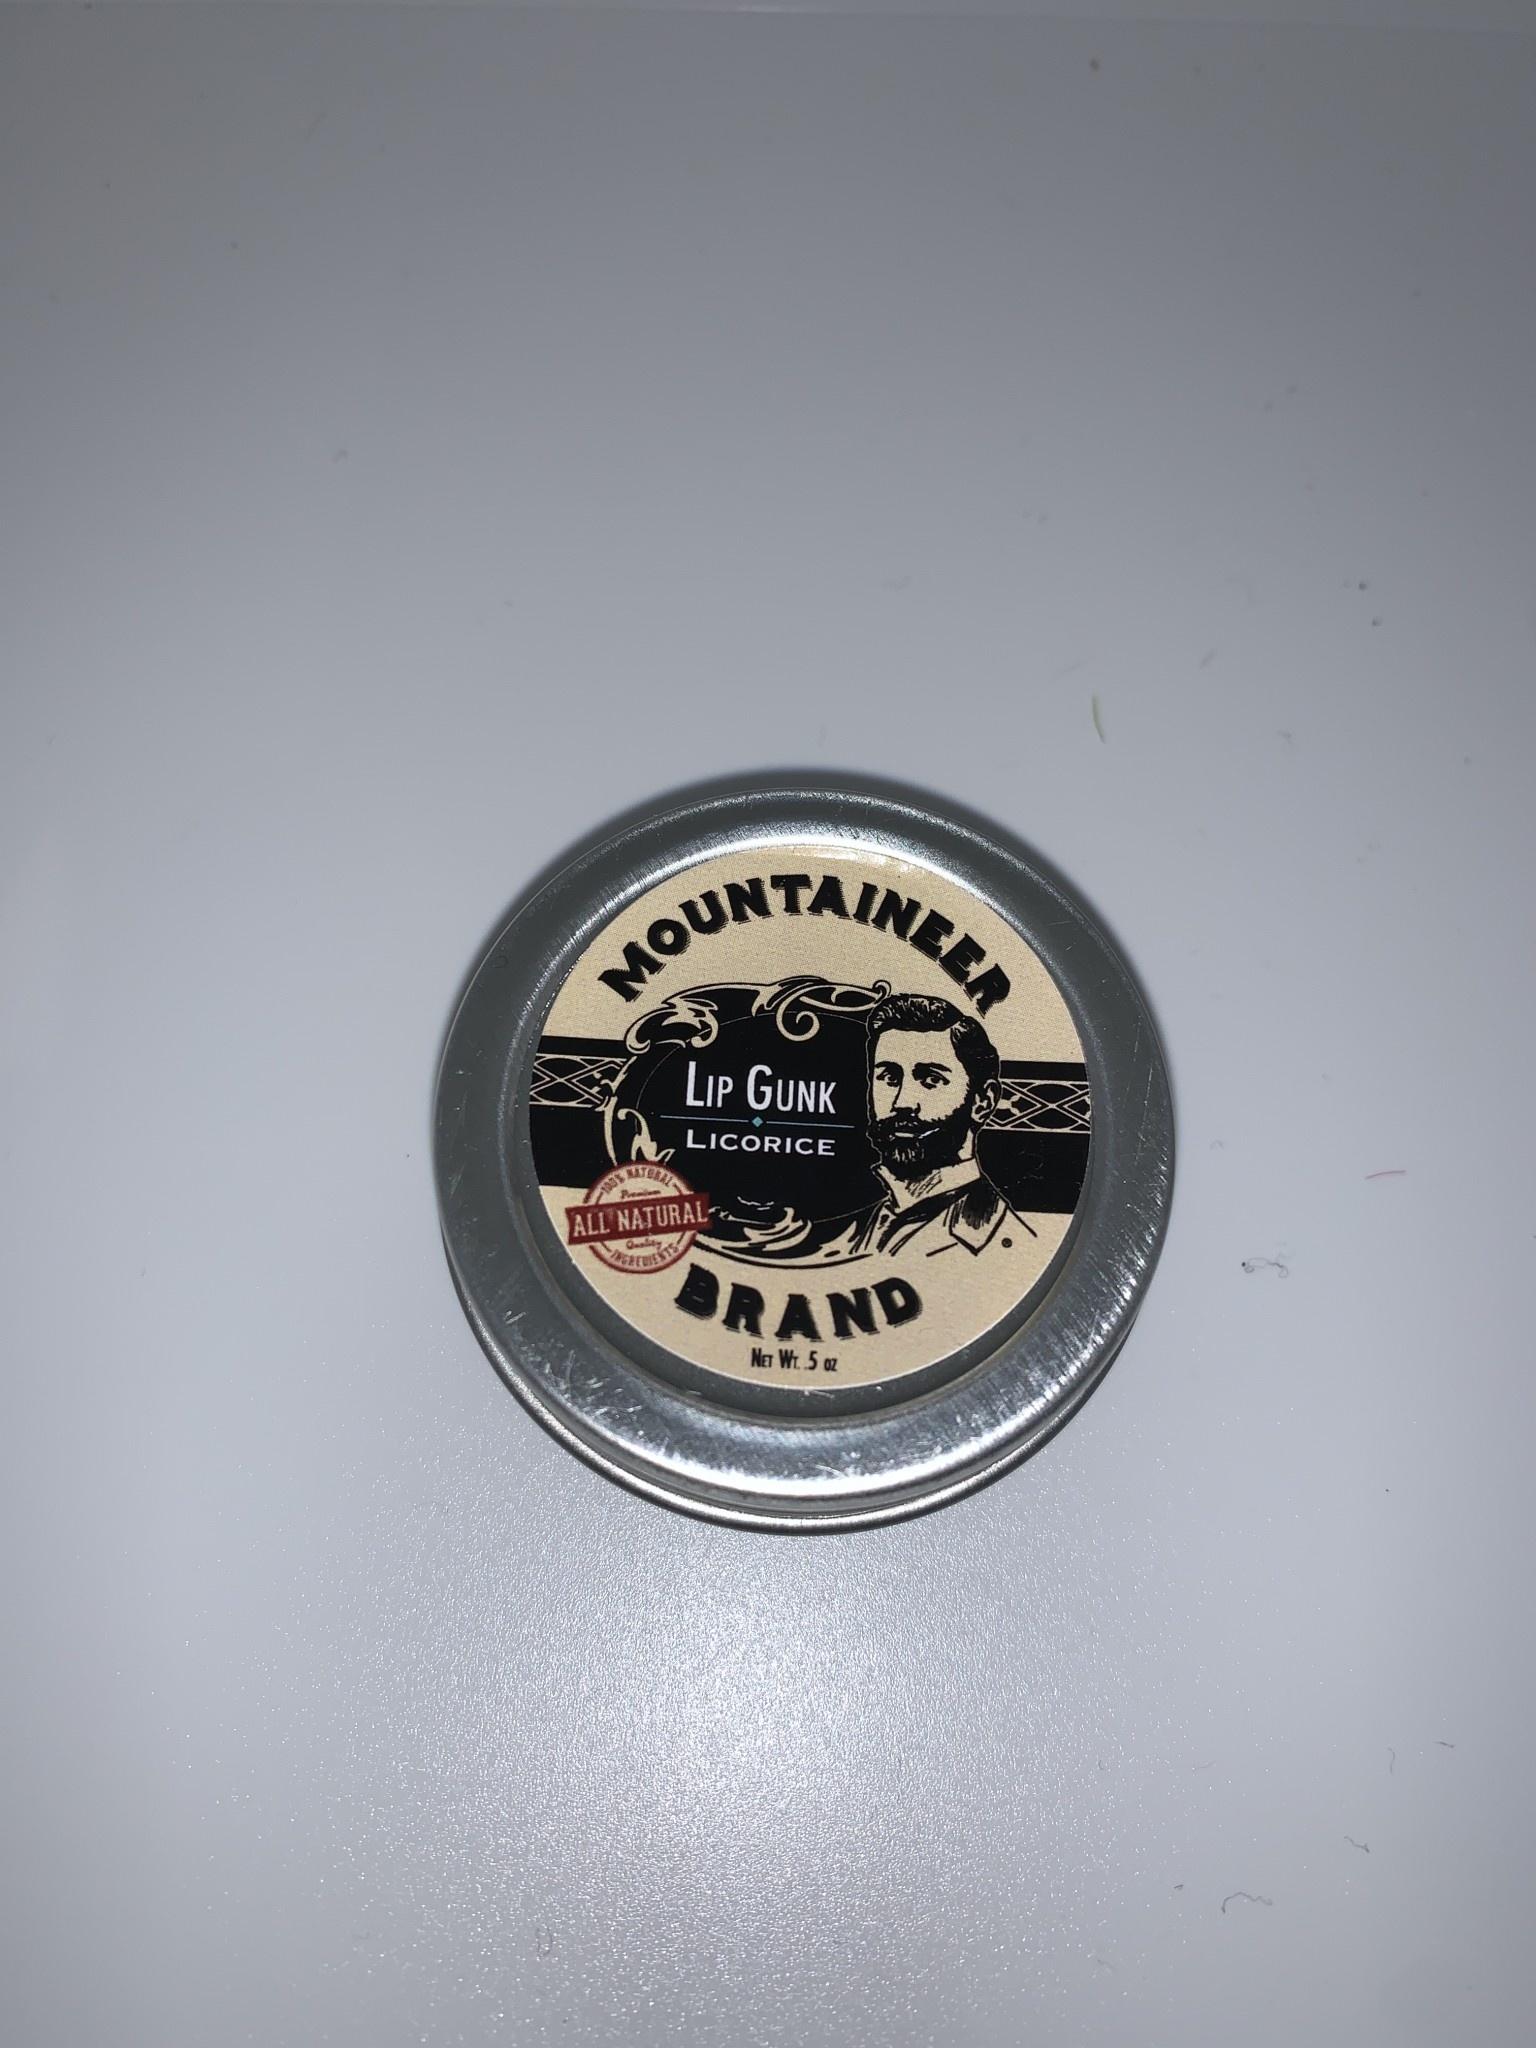 Mountaineer Brand Lip Gunk Licorice